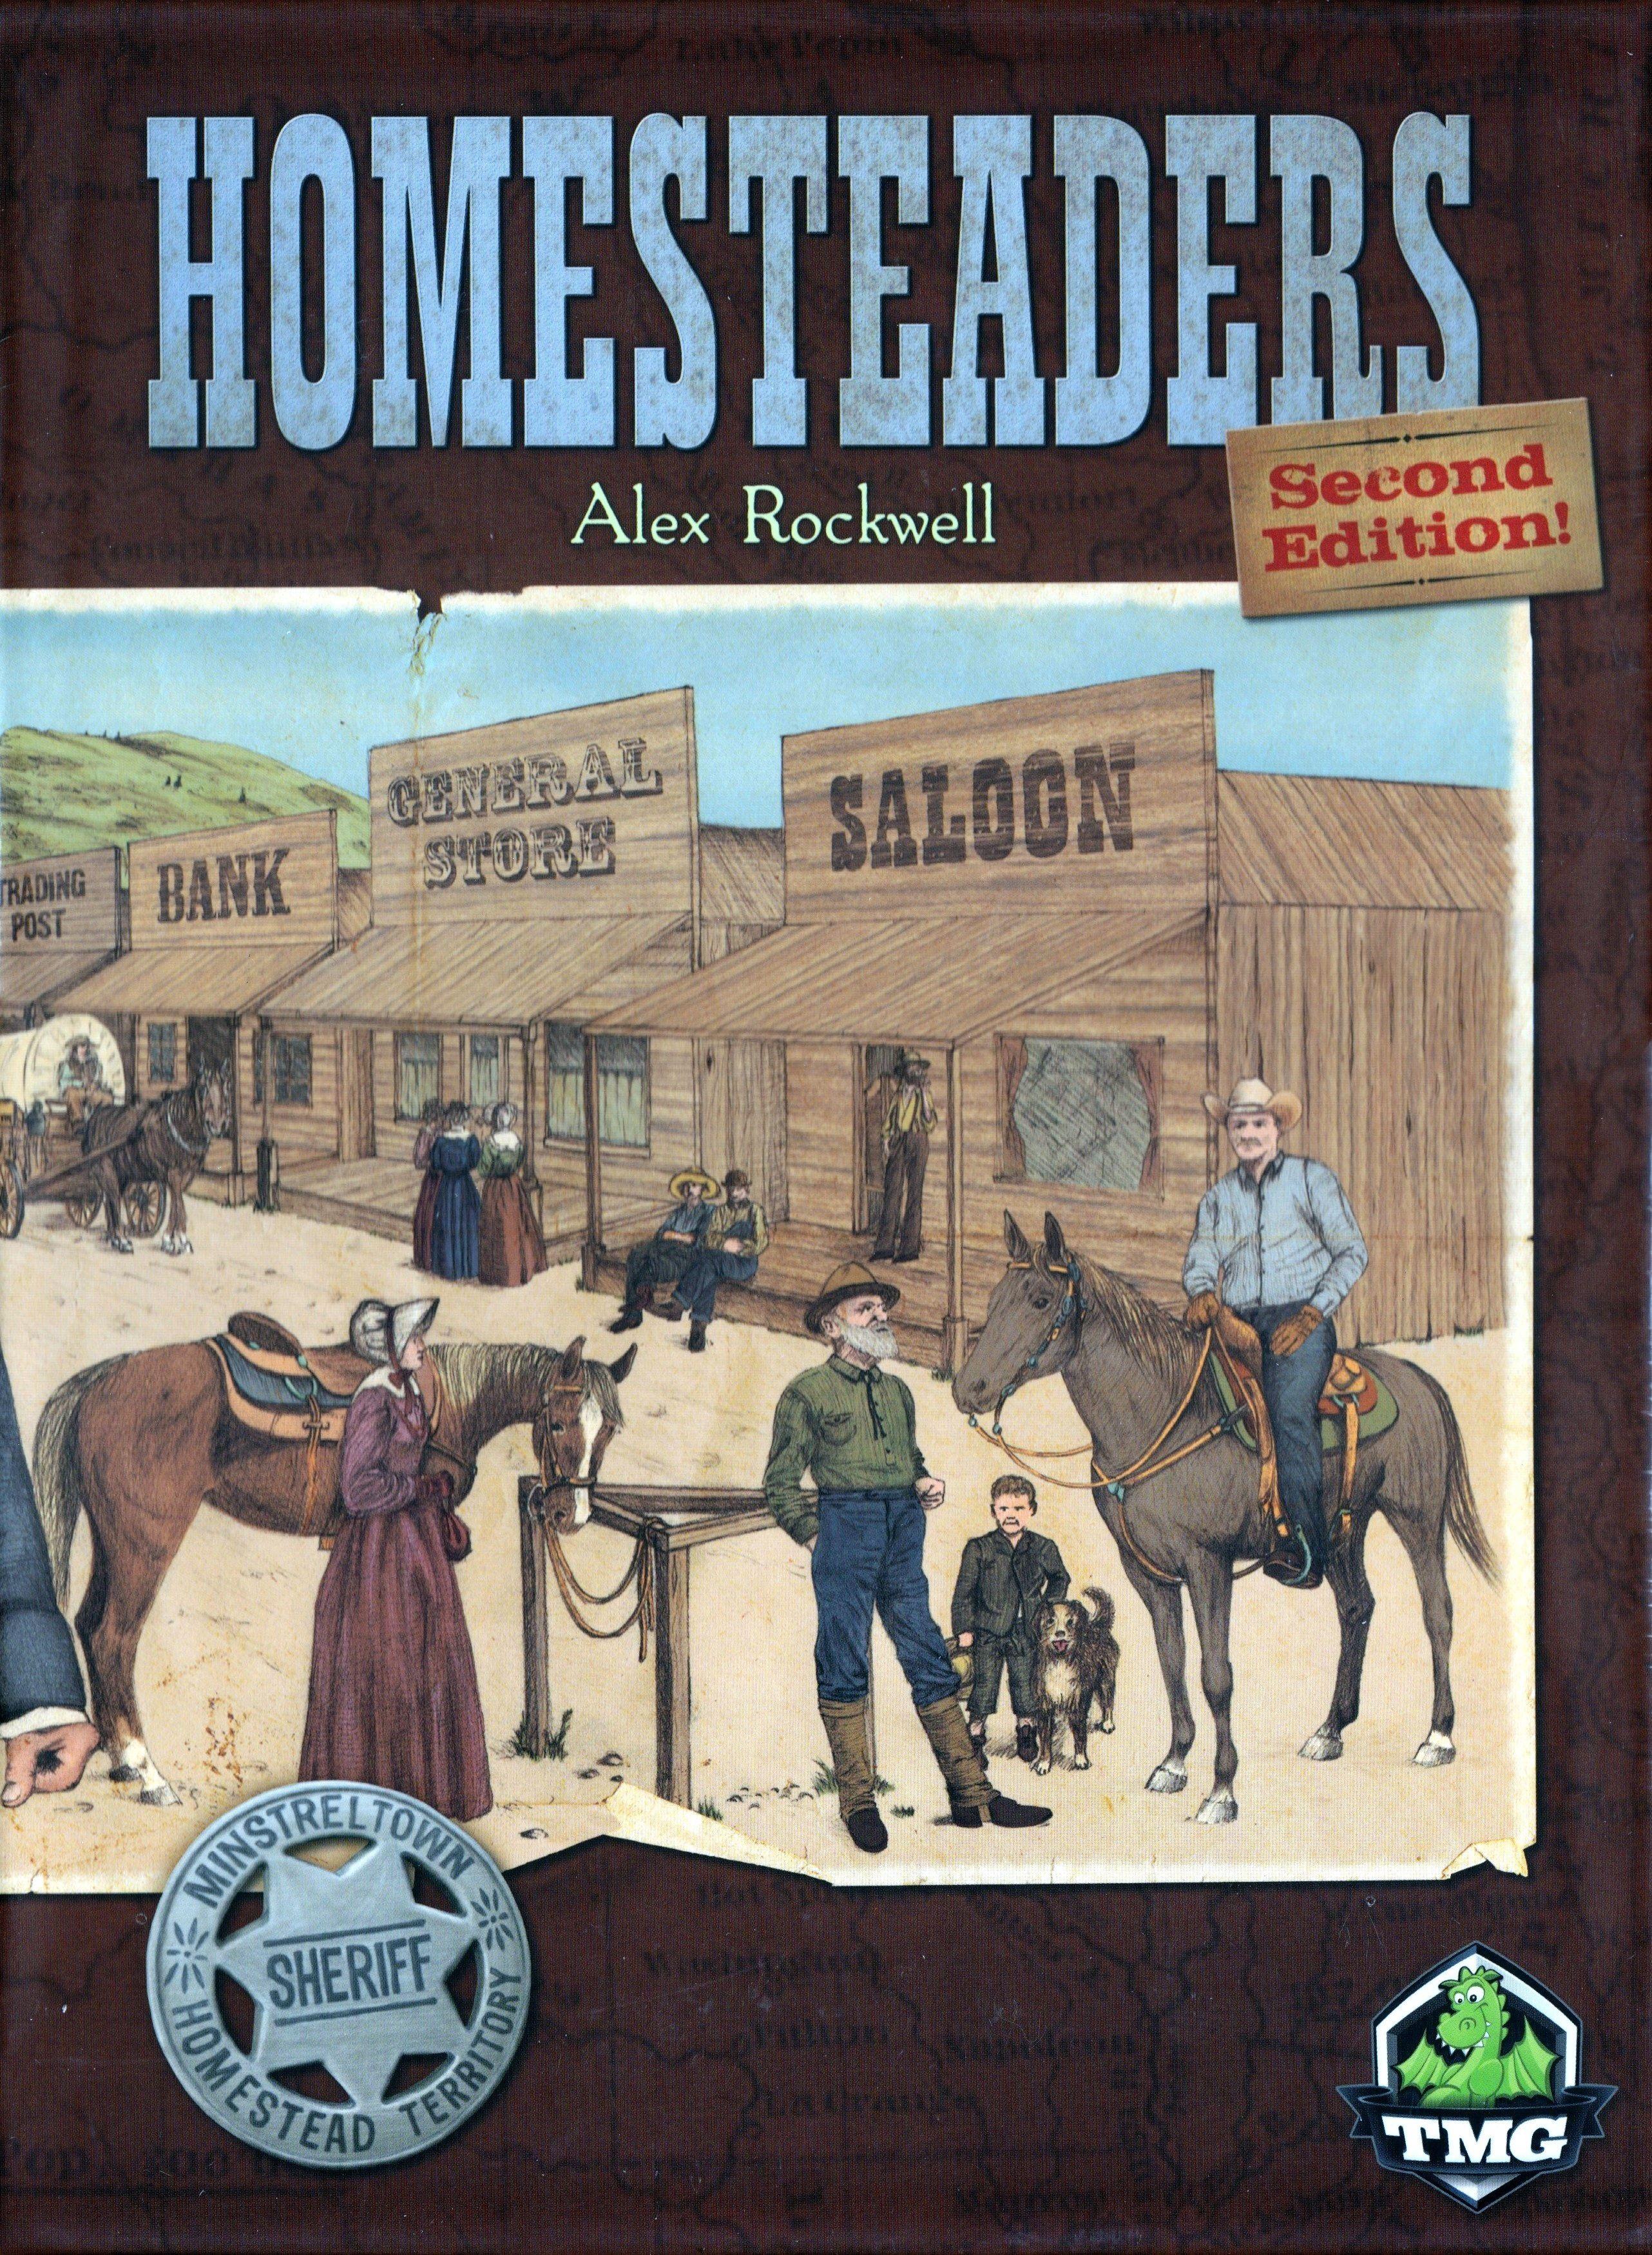 Homesteaders Favorite board games, Board games